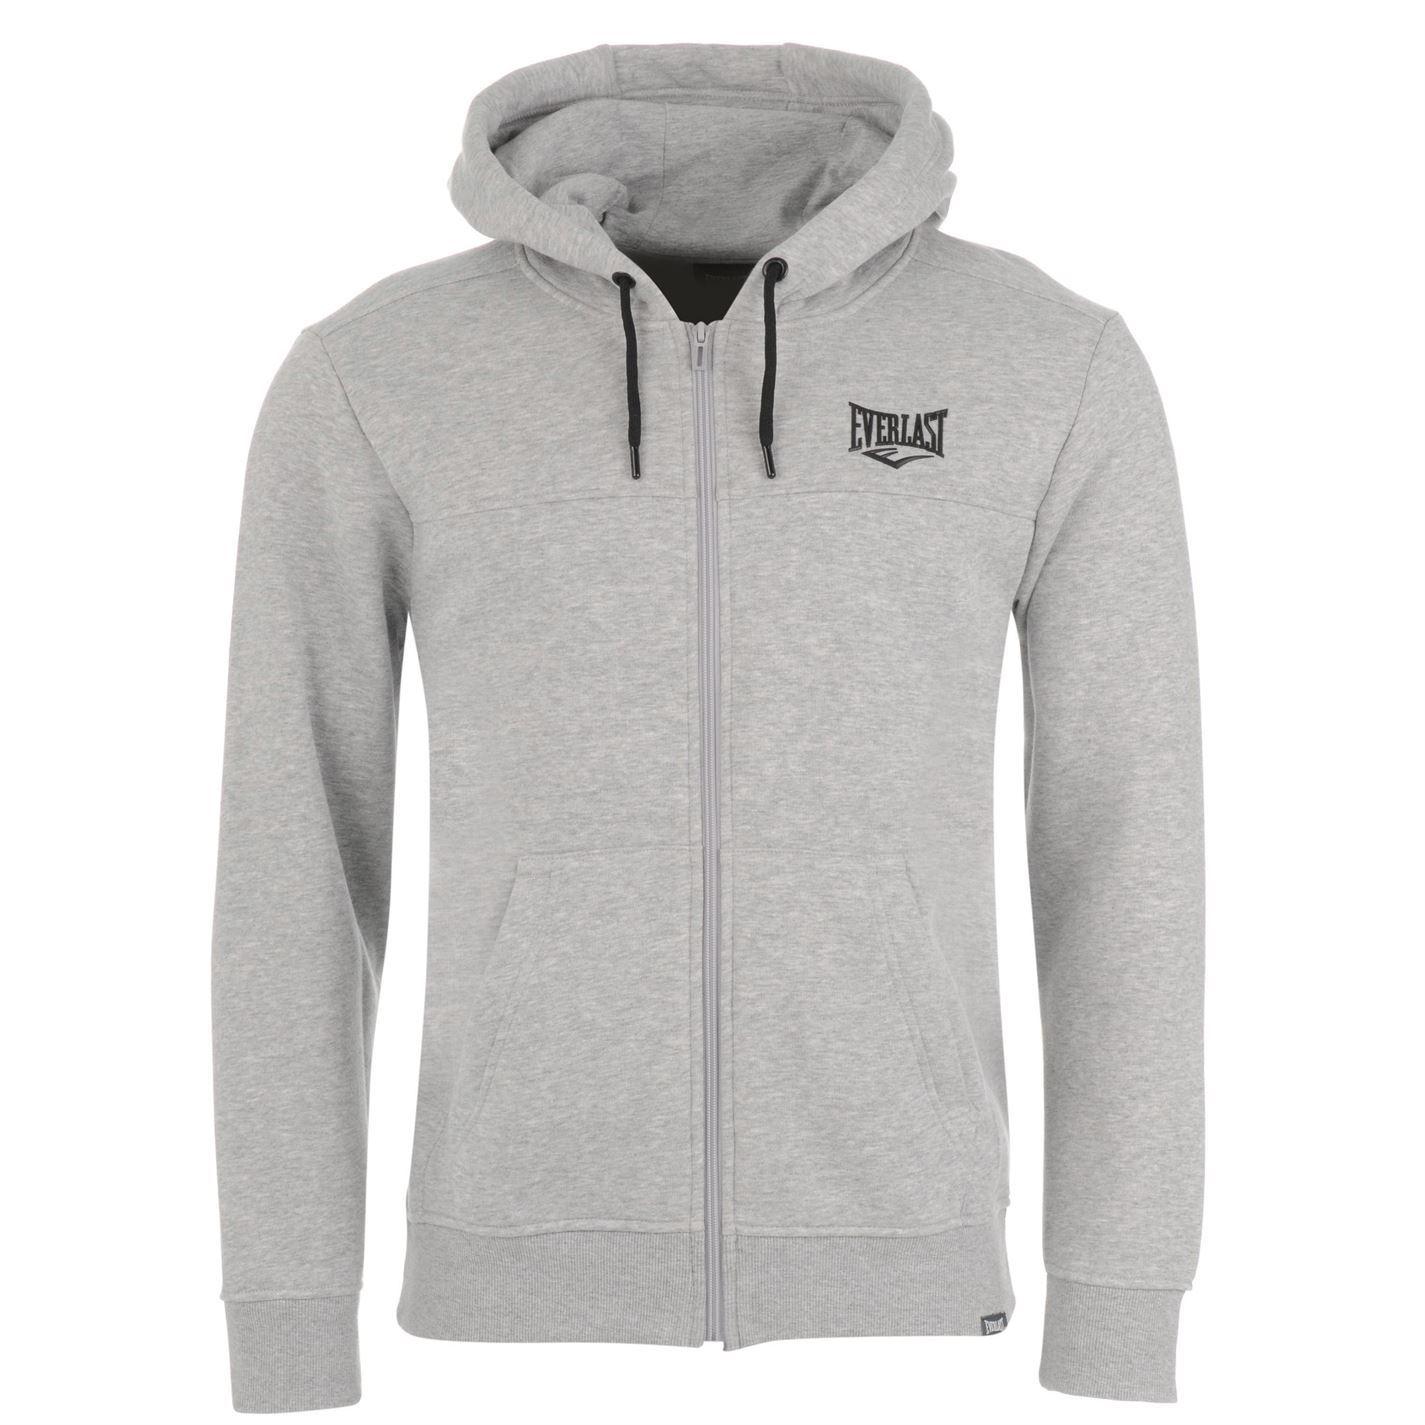 Everlast-Logo-Full-Zip-Hoody-Jacket-Mens-Hoodie-Sweatshirt-Sweater-Hooded-Top thumbnail 29